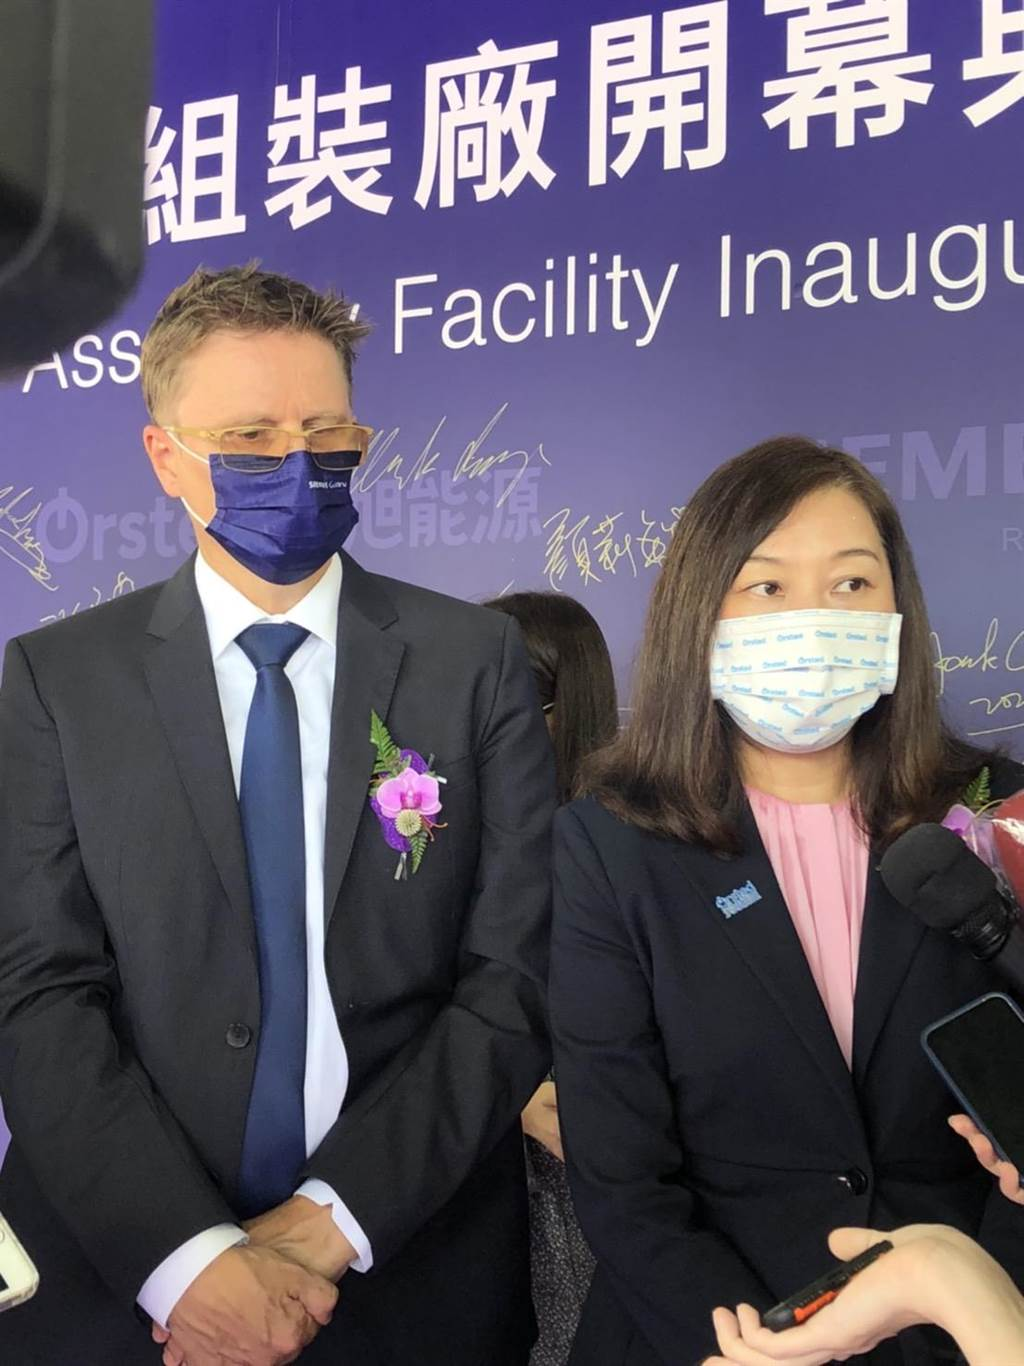 受到疫情等三因素影響,沃旭能源在大彰化風場進度落後,台灣區總經理汪欣潔(右)今表示,正評估向主管機關申請展延,對明年底完工仍深具信心。(圖/王玉樹攝)